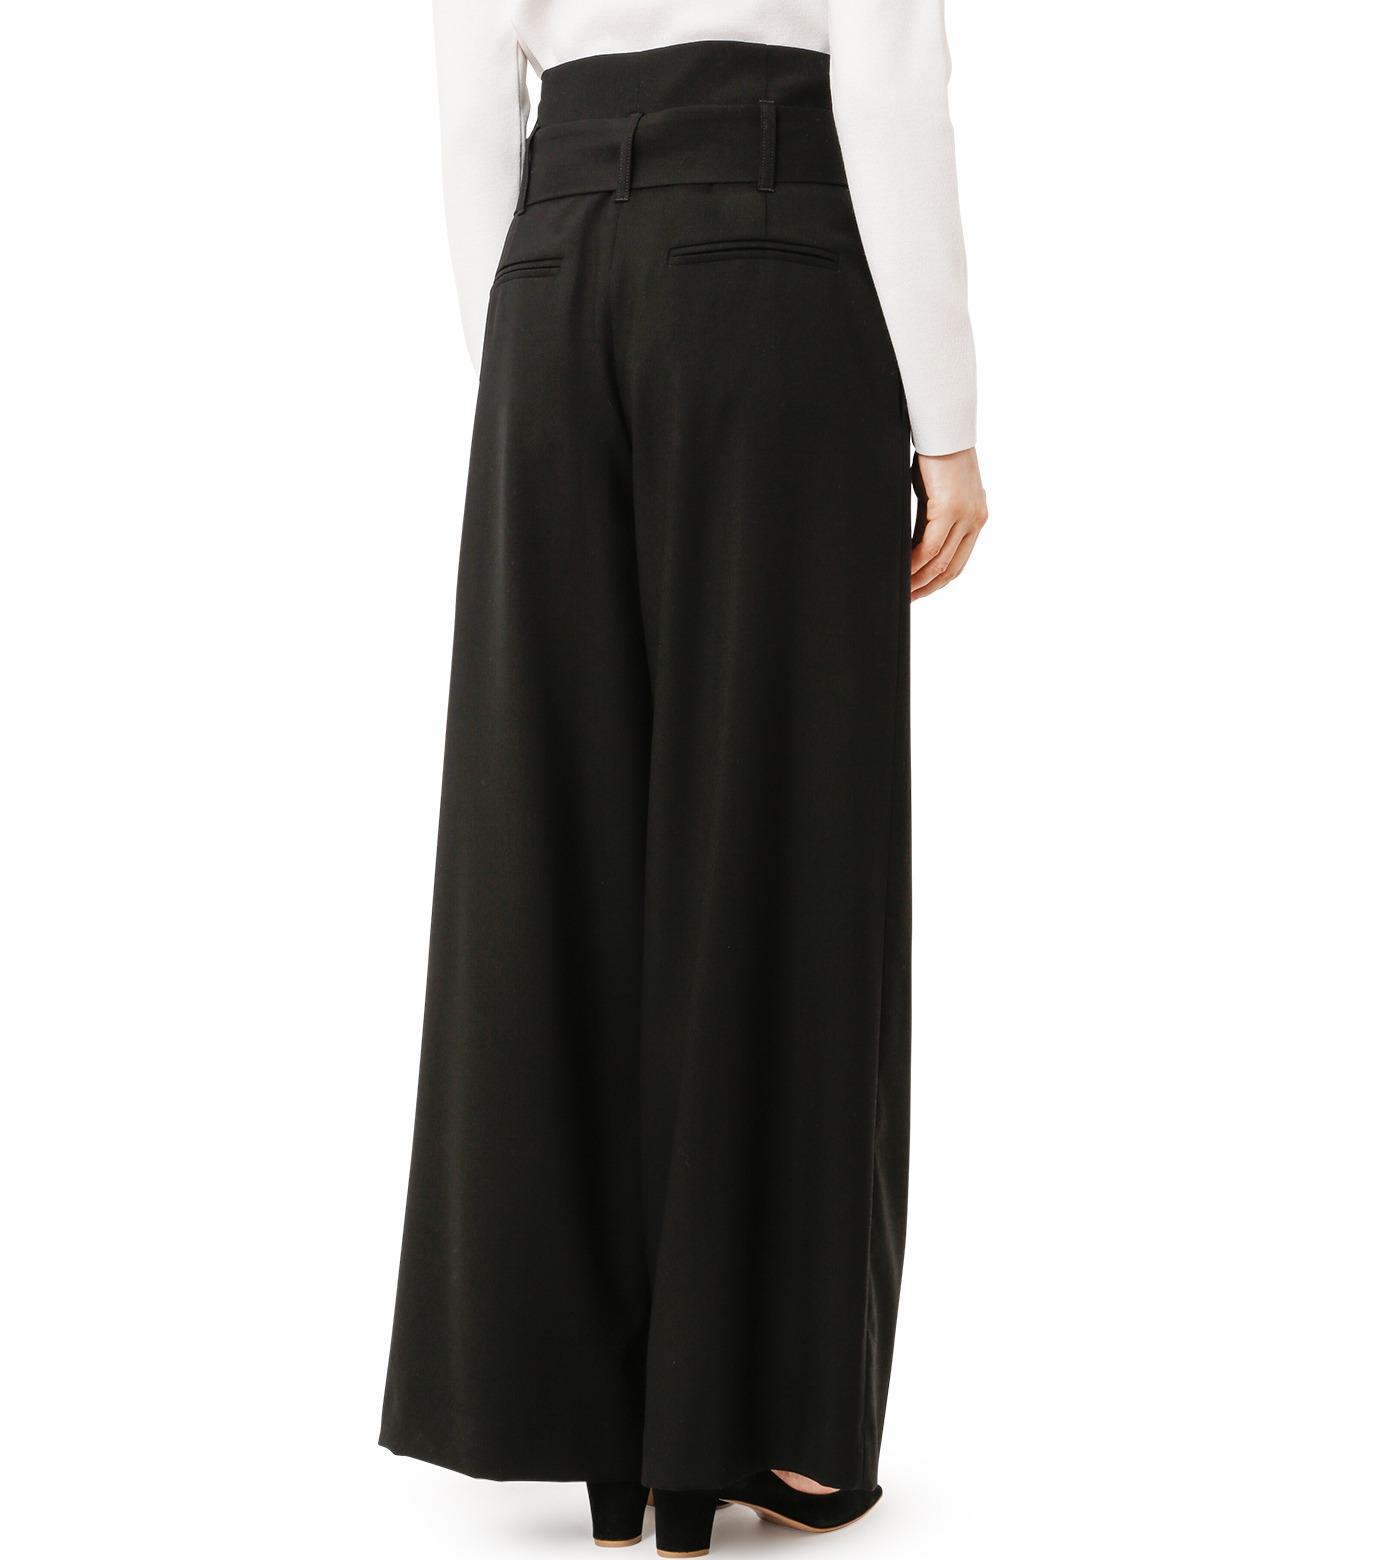 LE CIEL BLEU(ルシェルブルー)のベルトハイウエストパンツ-BLACK(パンツ/pants)-18A68408 拡大詳細画像2